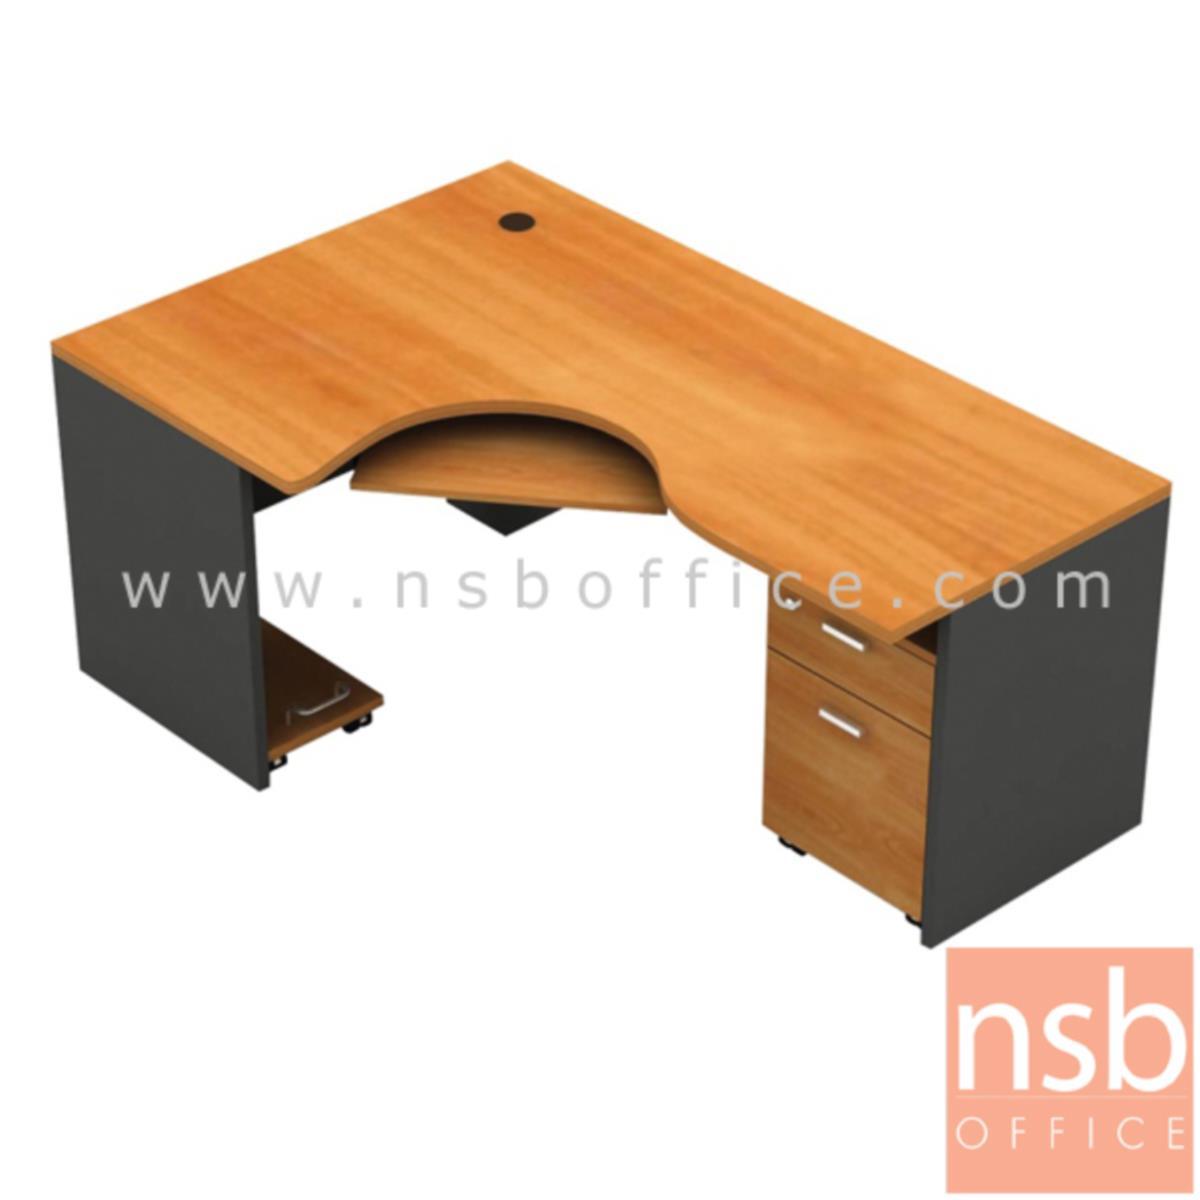 A13A002:โต๊ะผู้บริหารตัวแอลหน้าโค้งเว้า  รุ่น Lukaz 1 ขนาด 185W1*120W2 cm. พร้อมคีย์บอร์ด ที่วางซีพียูและตู้ลิ้นชัก